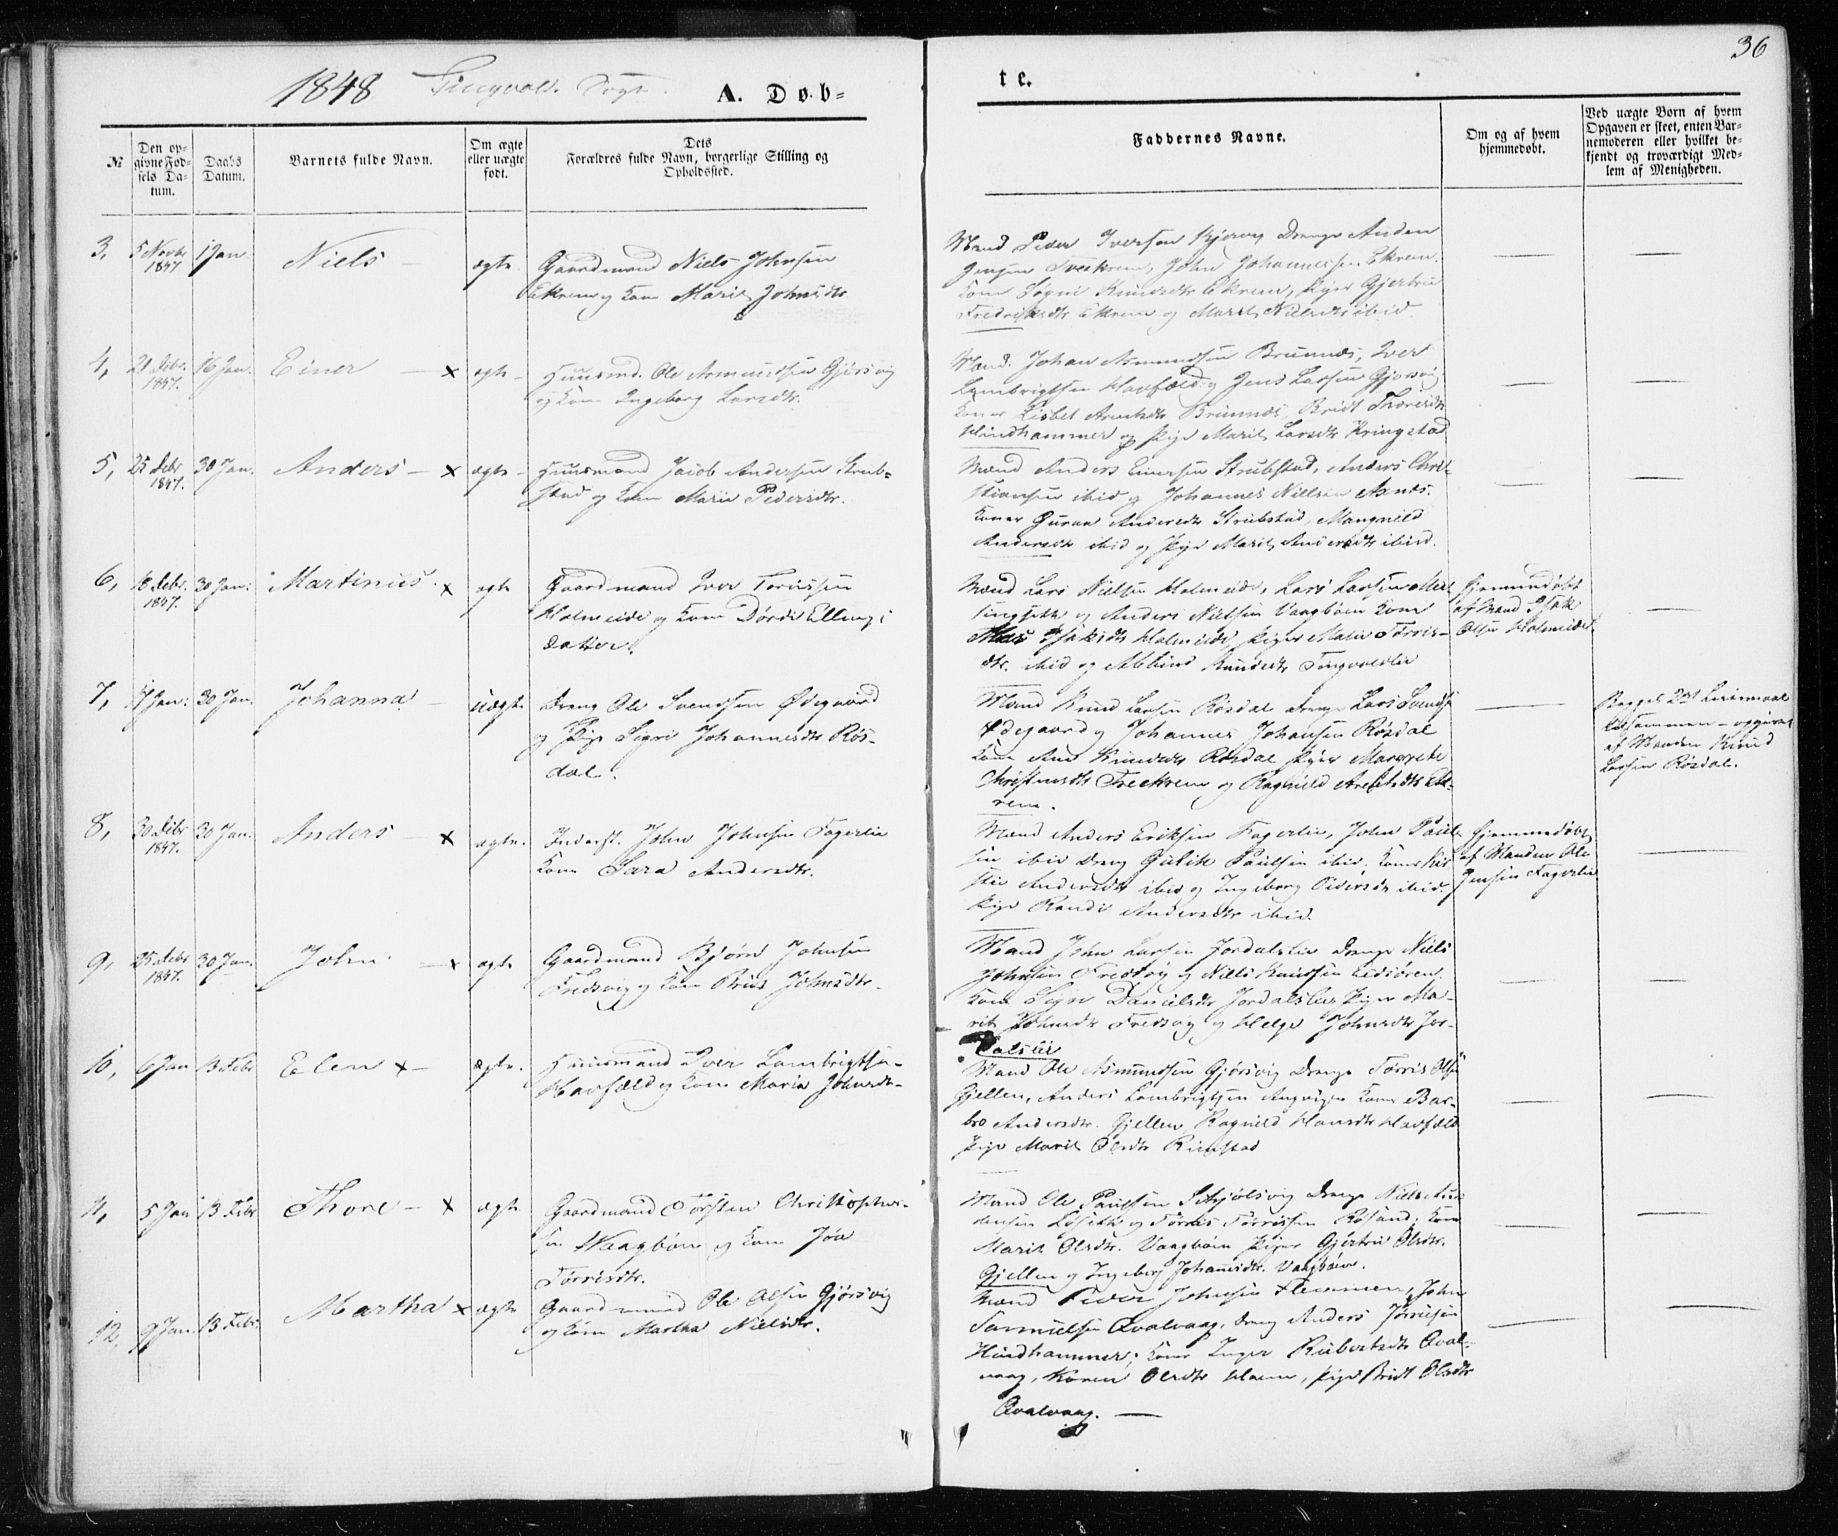 SAT, Ministerialprotokoller, klokkerbøker og fødselsregistre - Møre og Romsdal, 586/L0984: Ministerialbok nr. 586A10, 1844-1856, s. 36